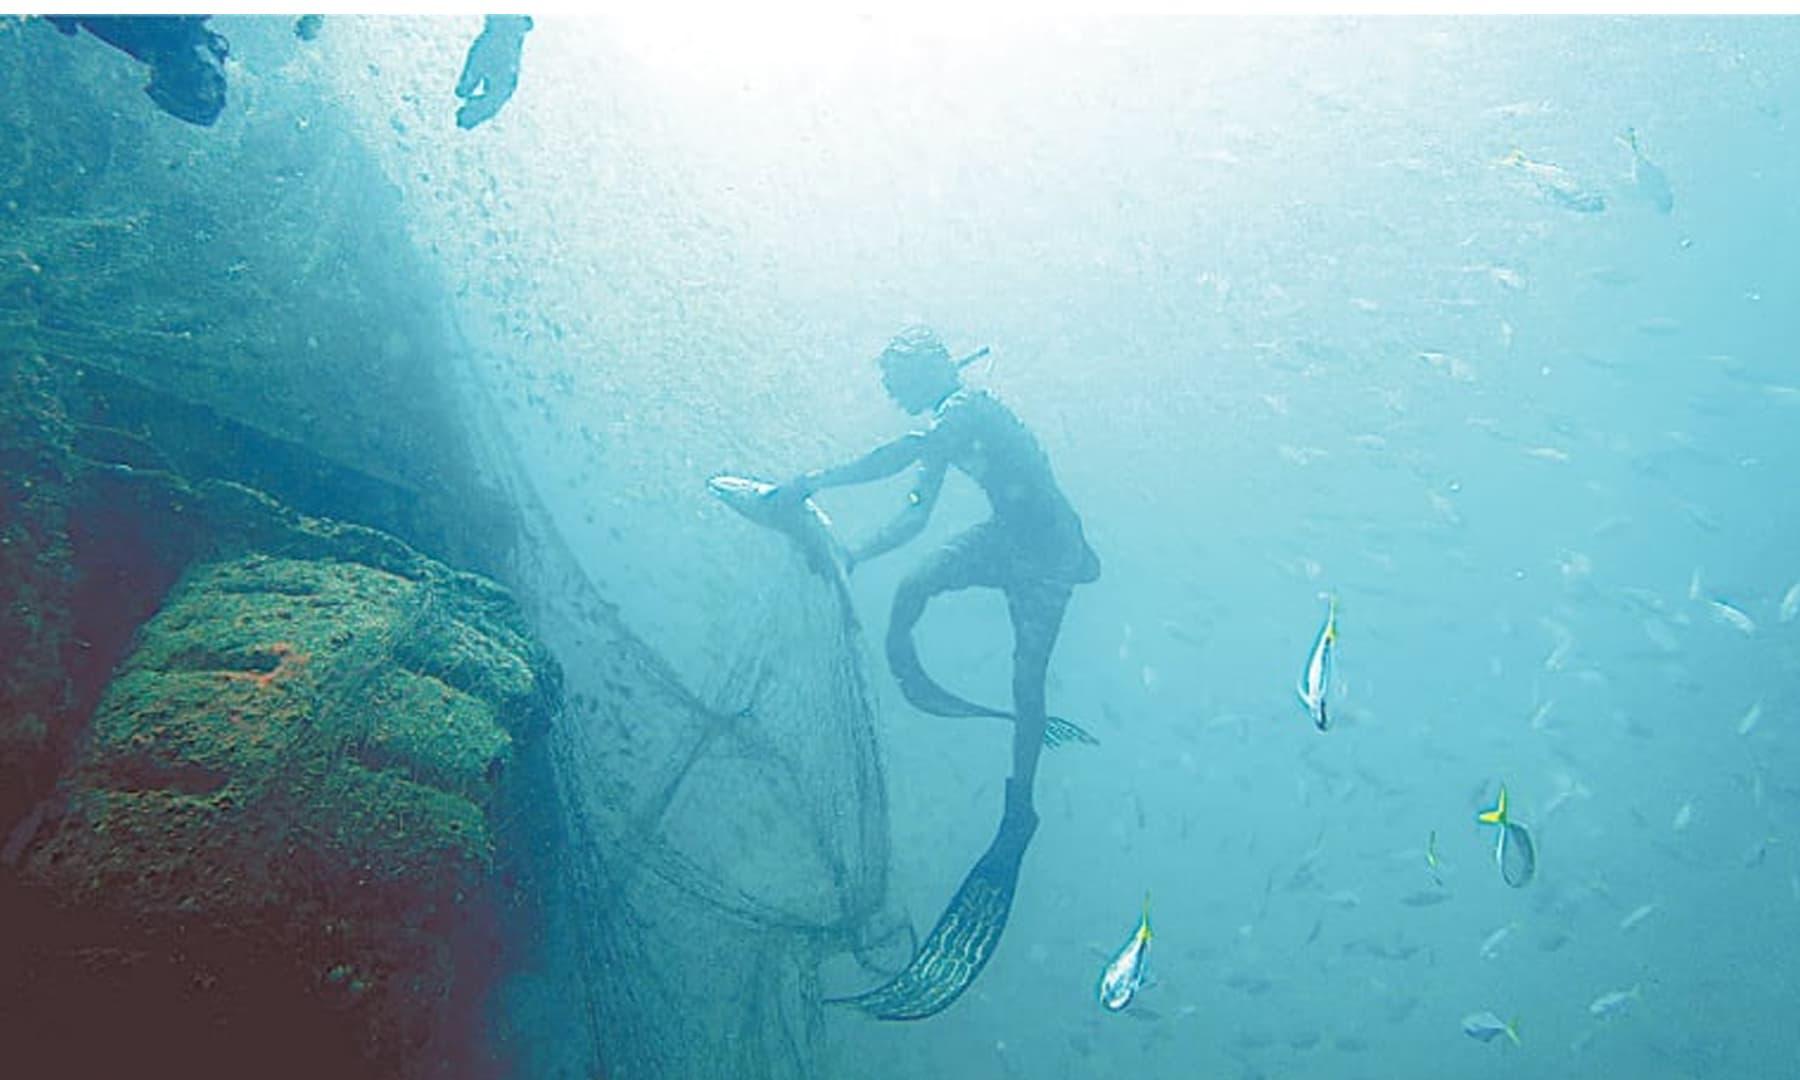 جال سے مچھلی کو آزادی دلاتے ہوئے